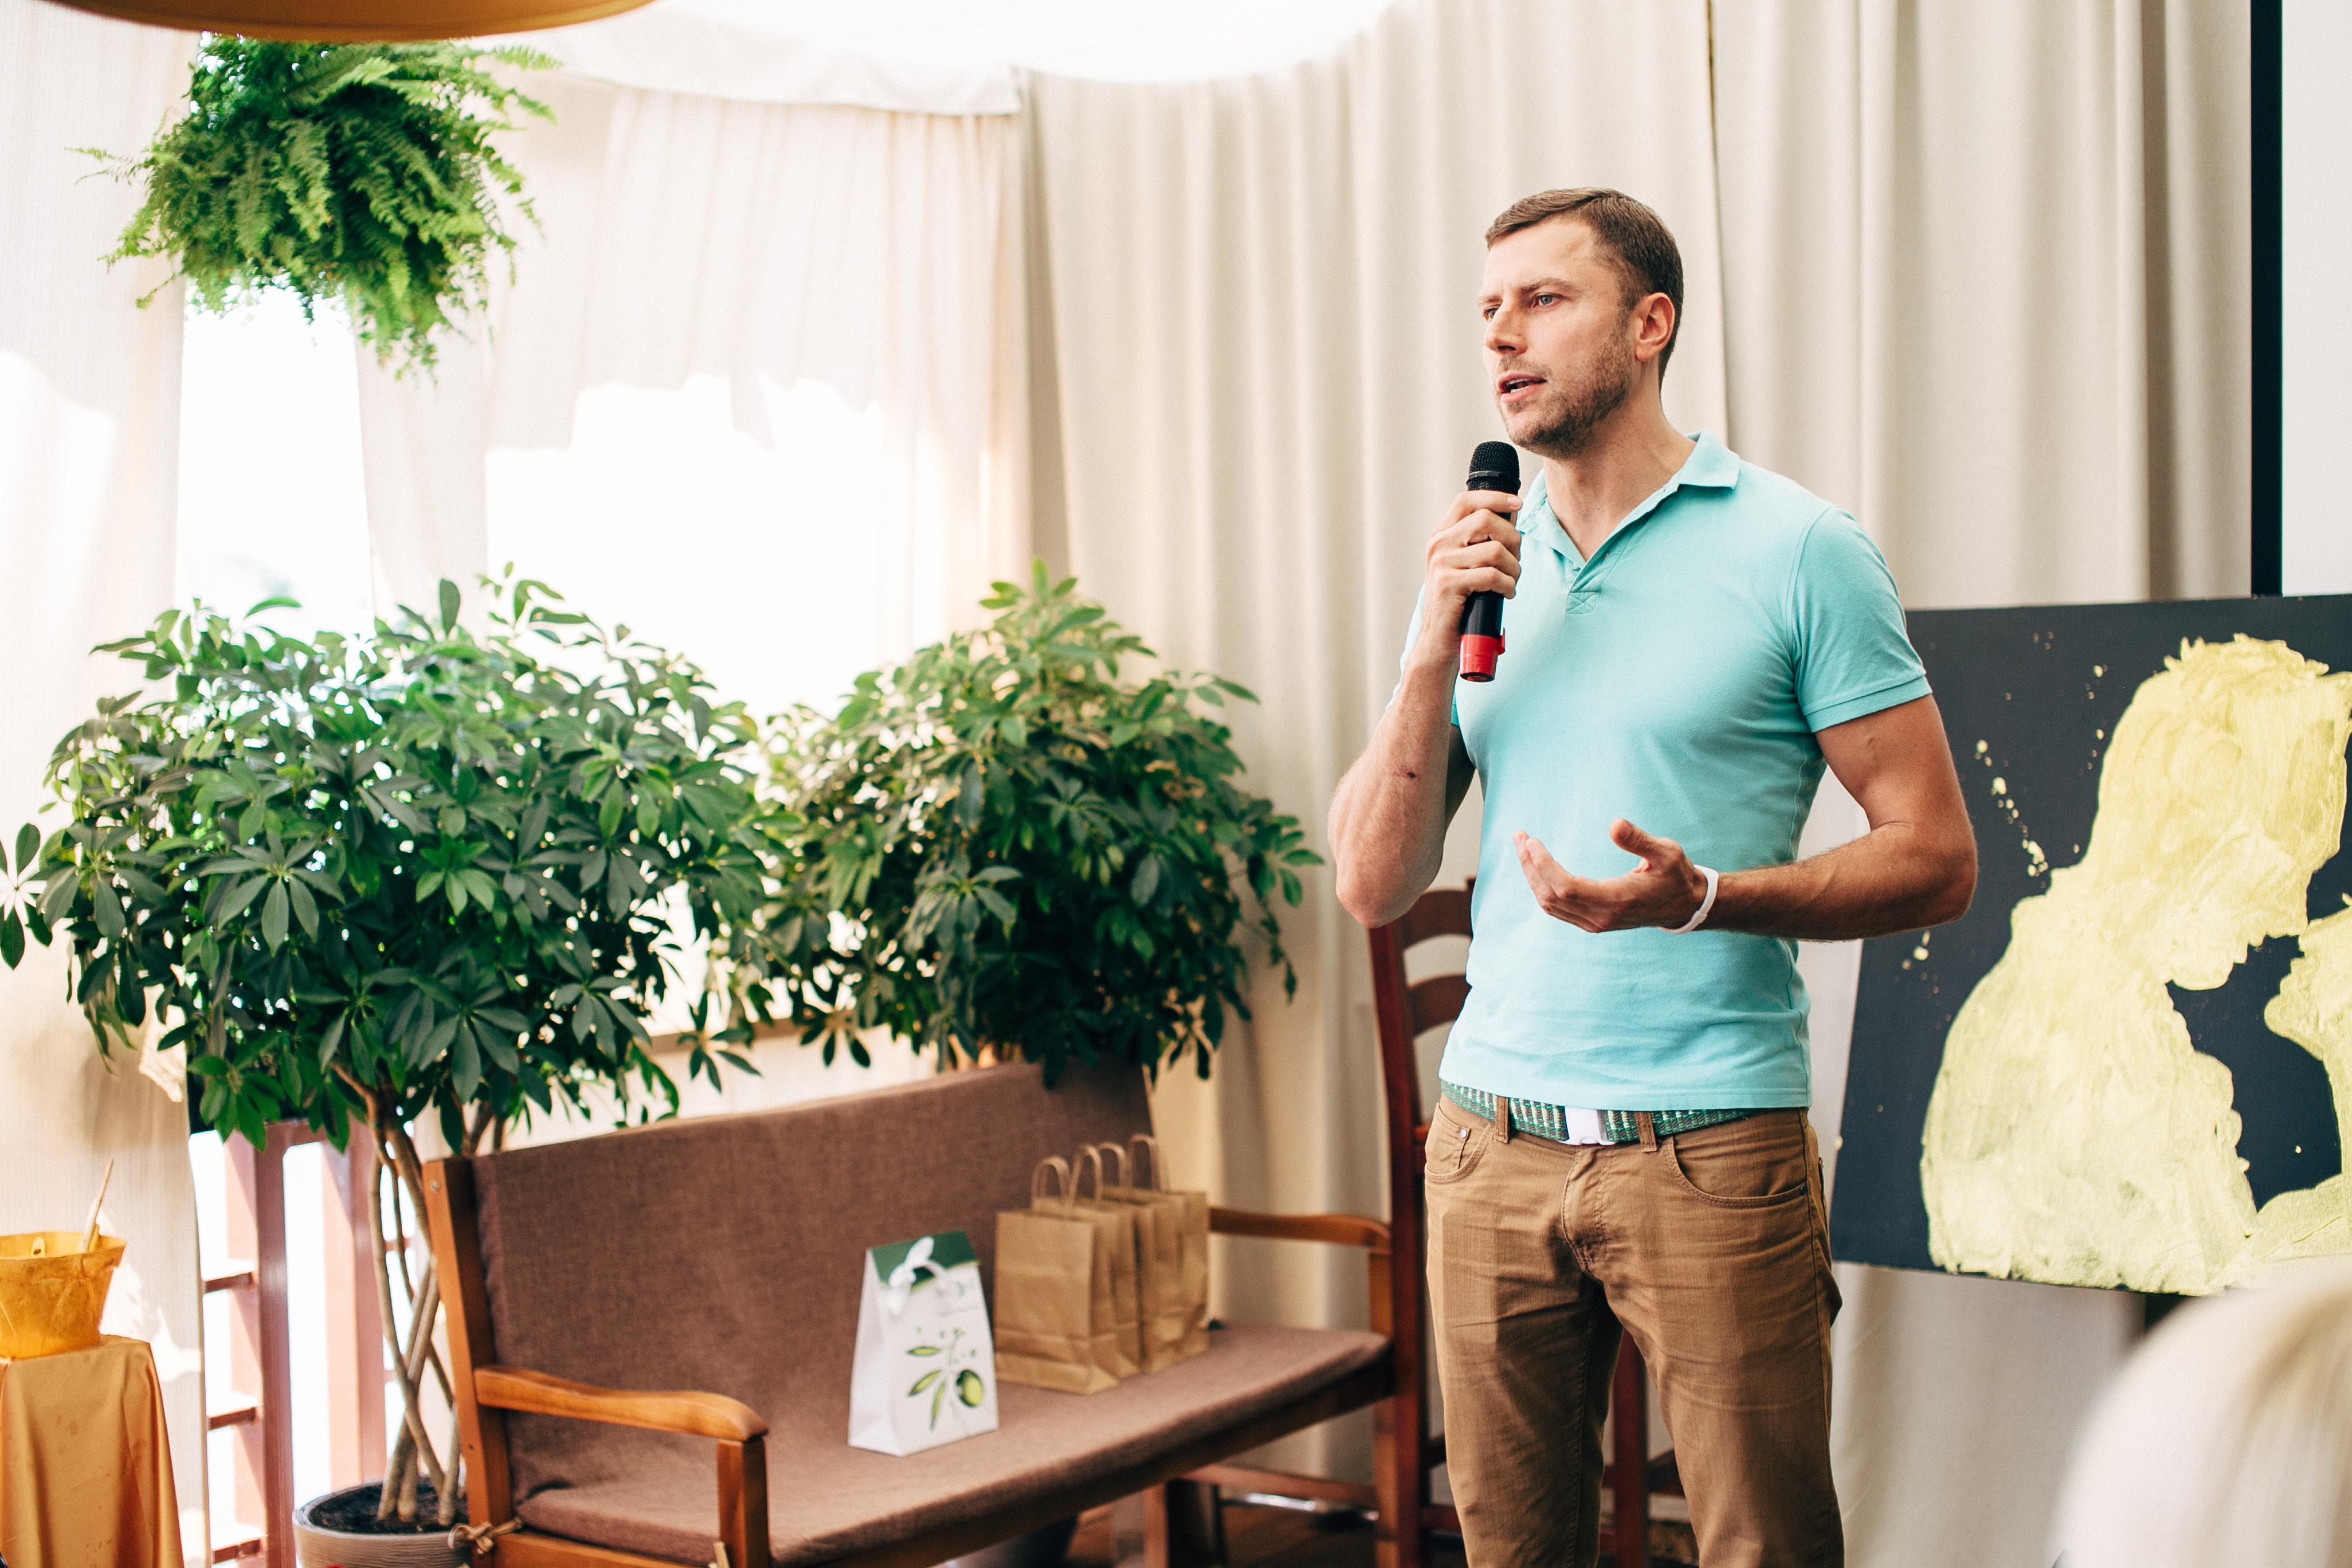 Богдан Трибой, ведущий, спикер